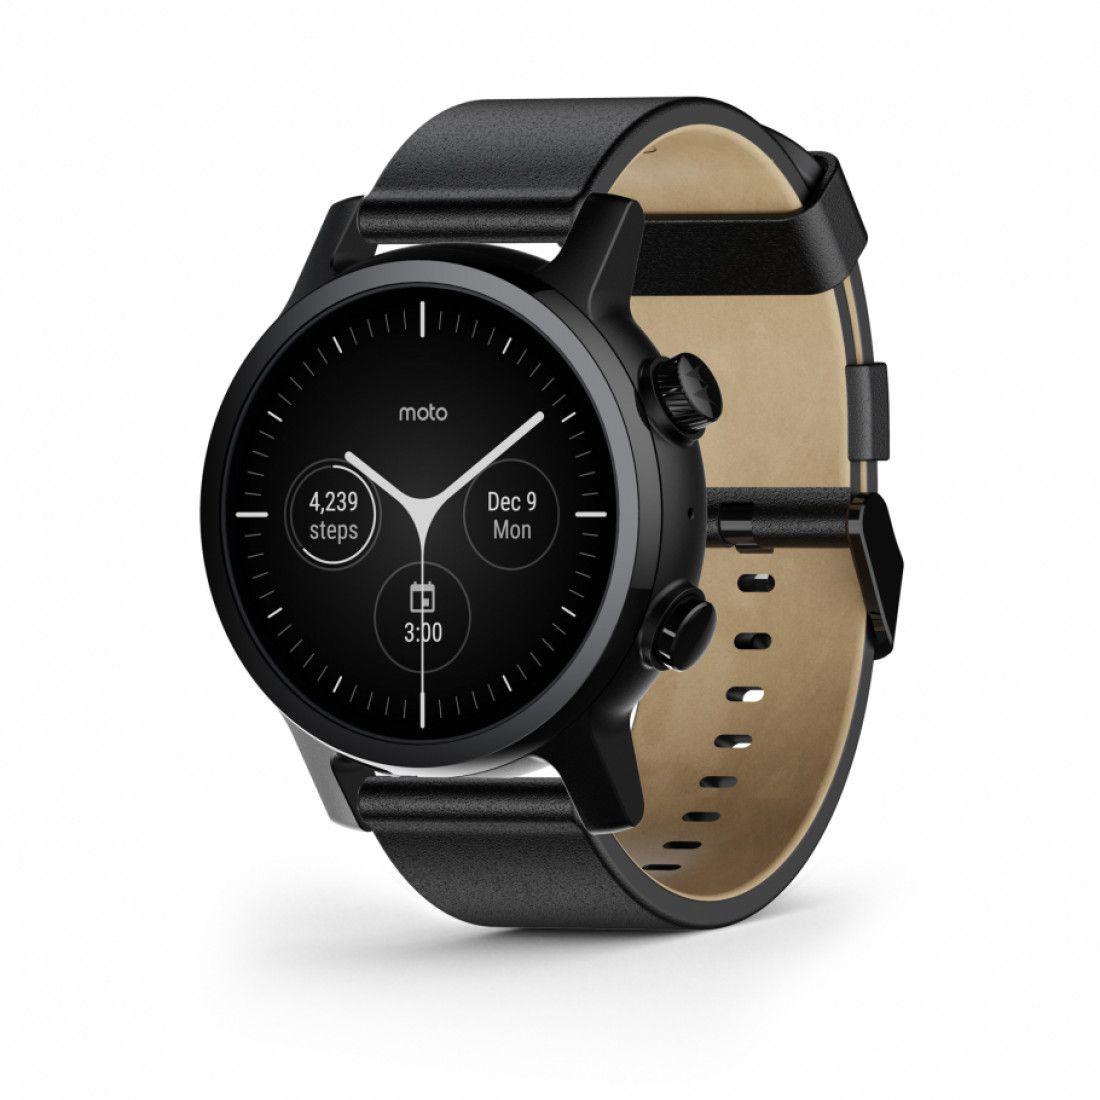 Moto 360 smartwatch is an Apple Watch alternative